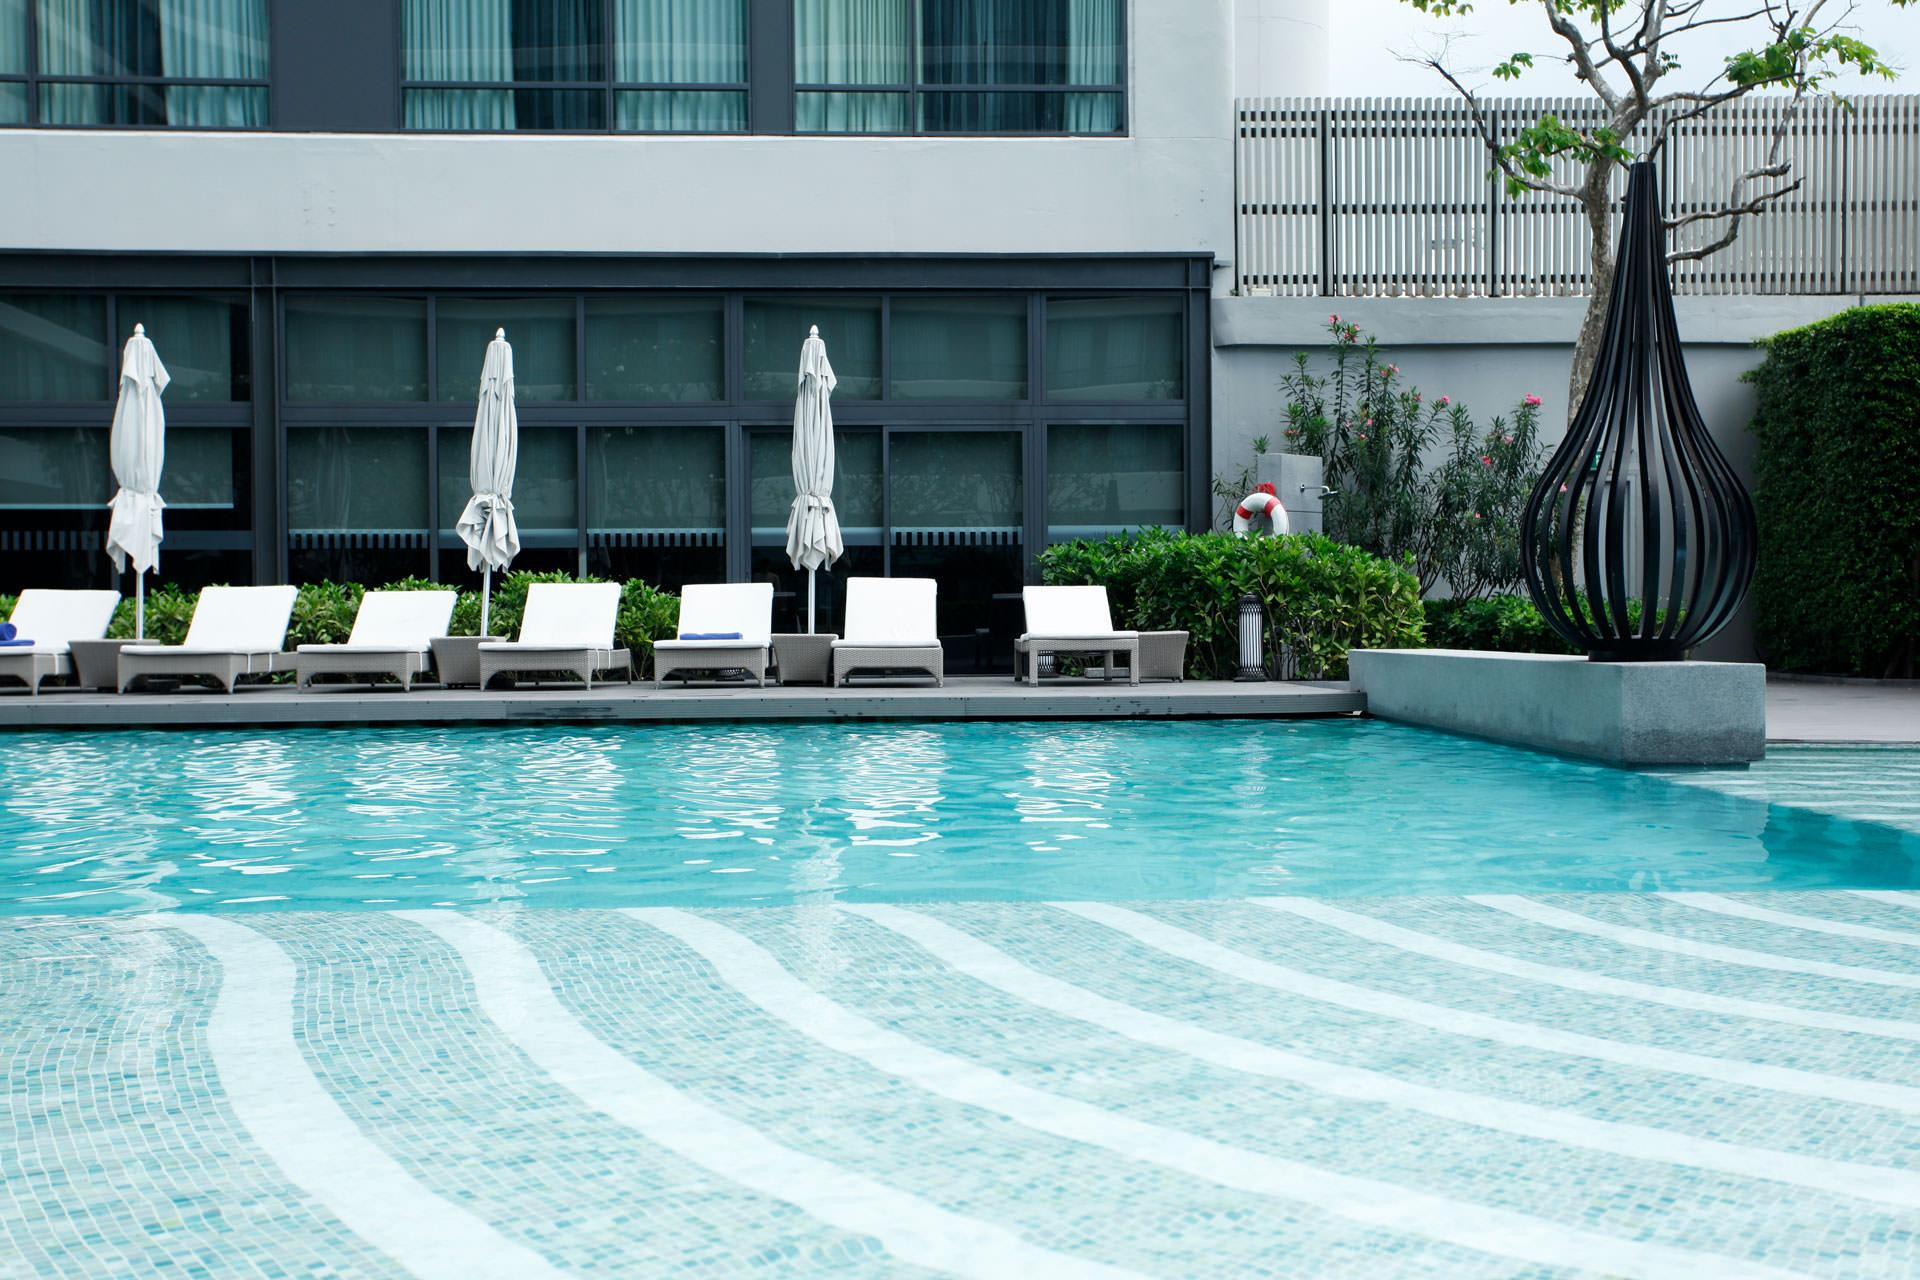 สระว่ายน้ำโรงแรม Bangkok Marriott Marquis Queen's park